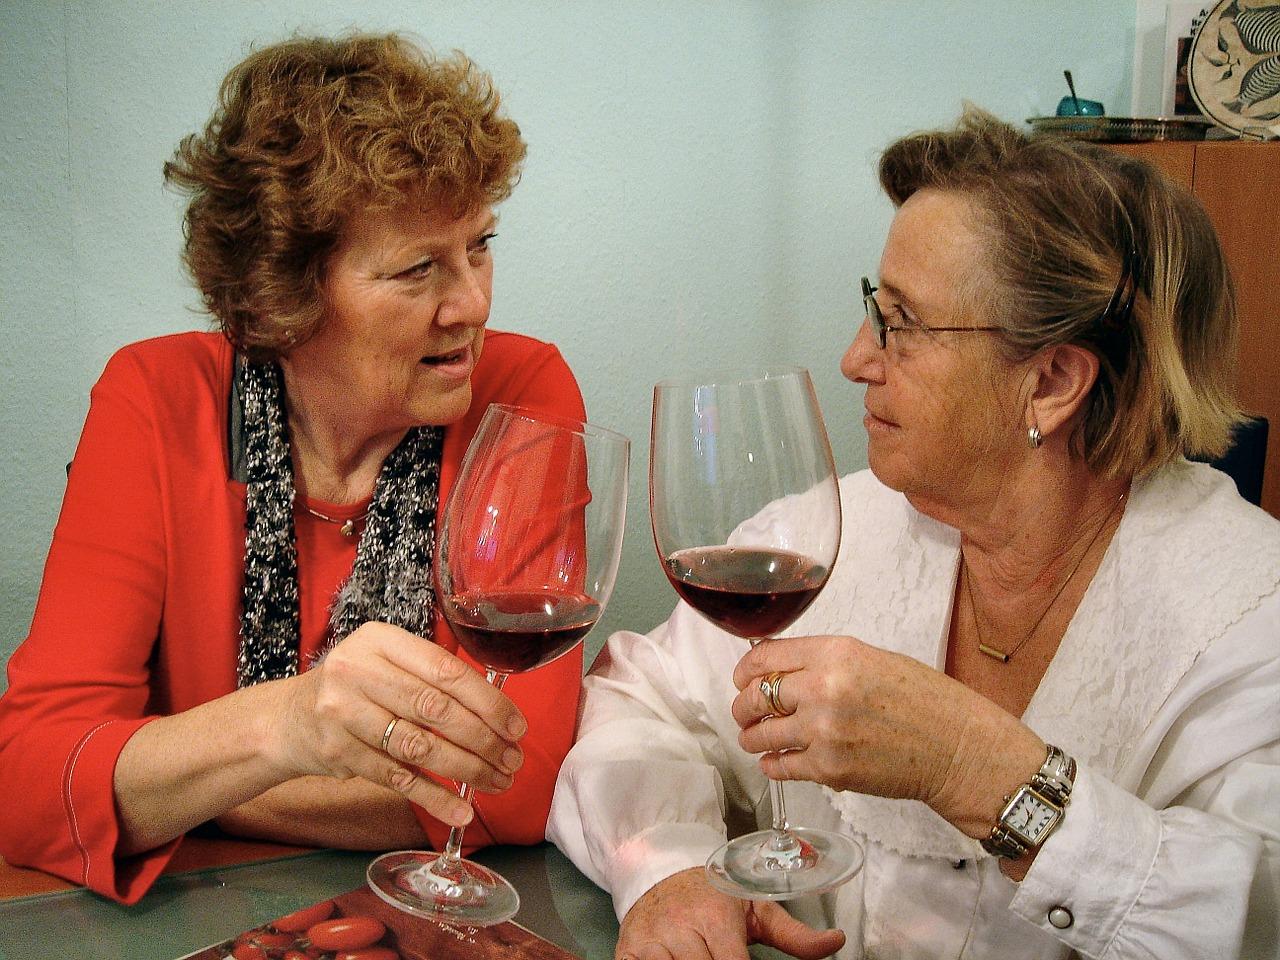 Senioren WG – welche Vorteile und welche Nachteile haben diese?